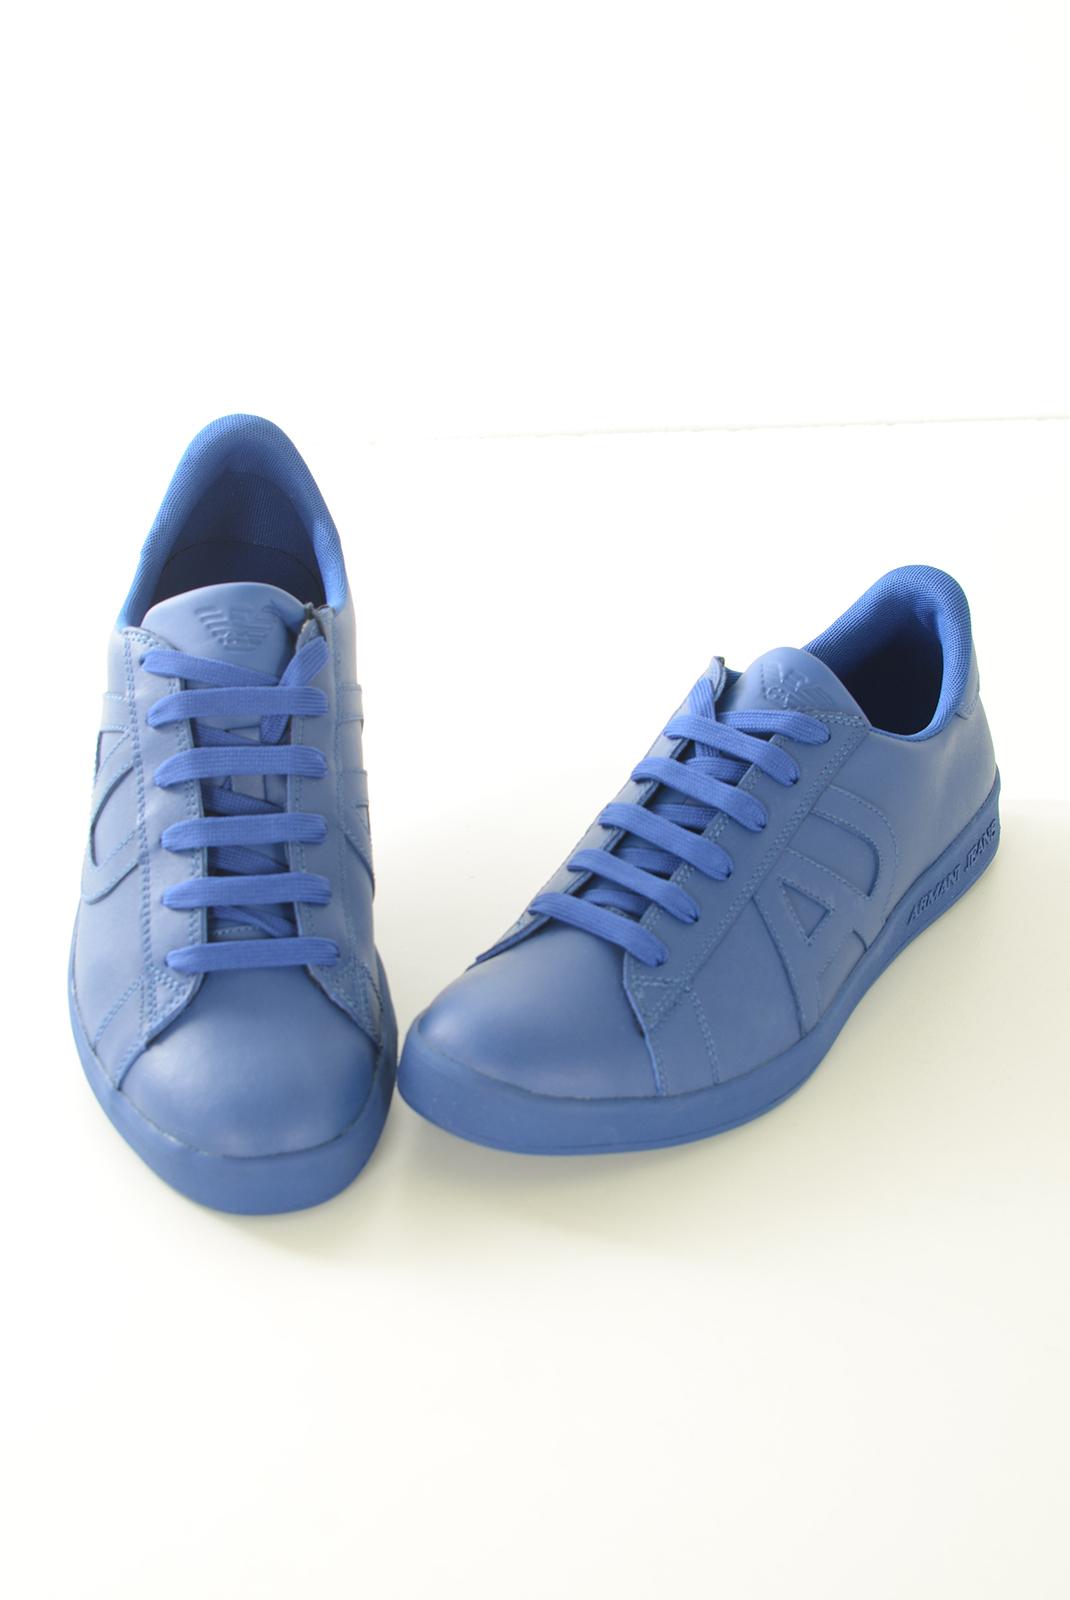 Chaussures   Armani jeans 06565 YO 5 bleu